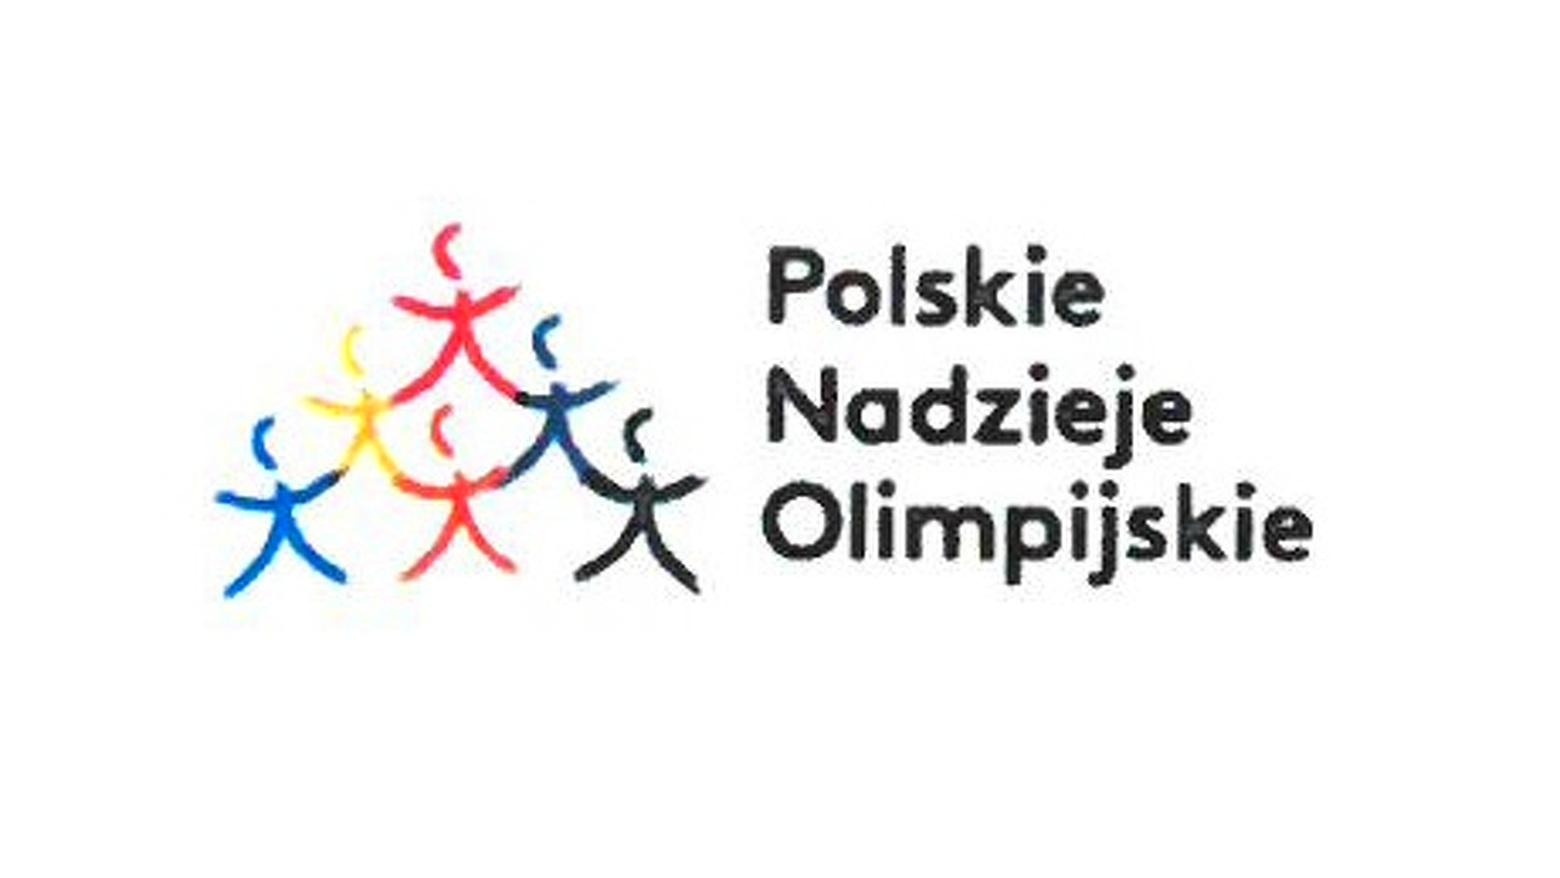 Znalezione obrazy dla zapytania polskie nadzieje olimpijskie